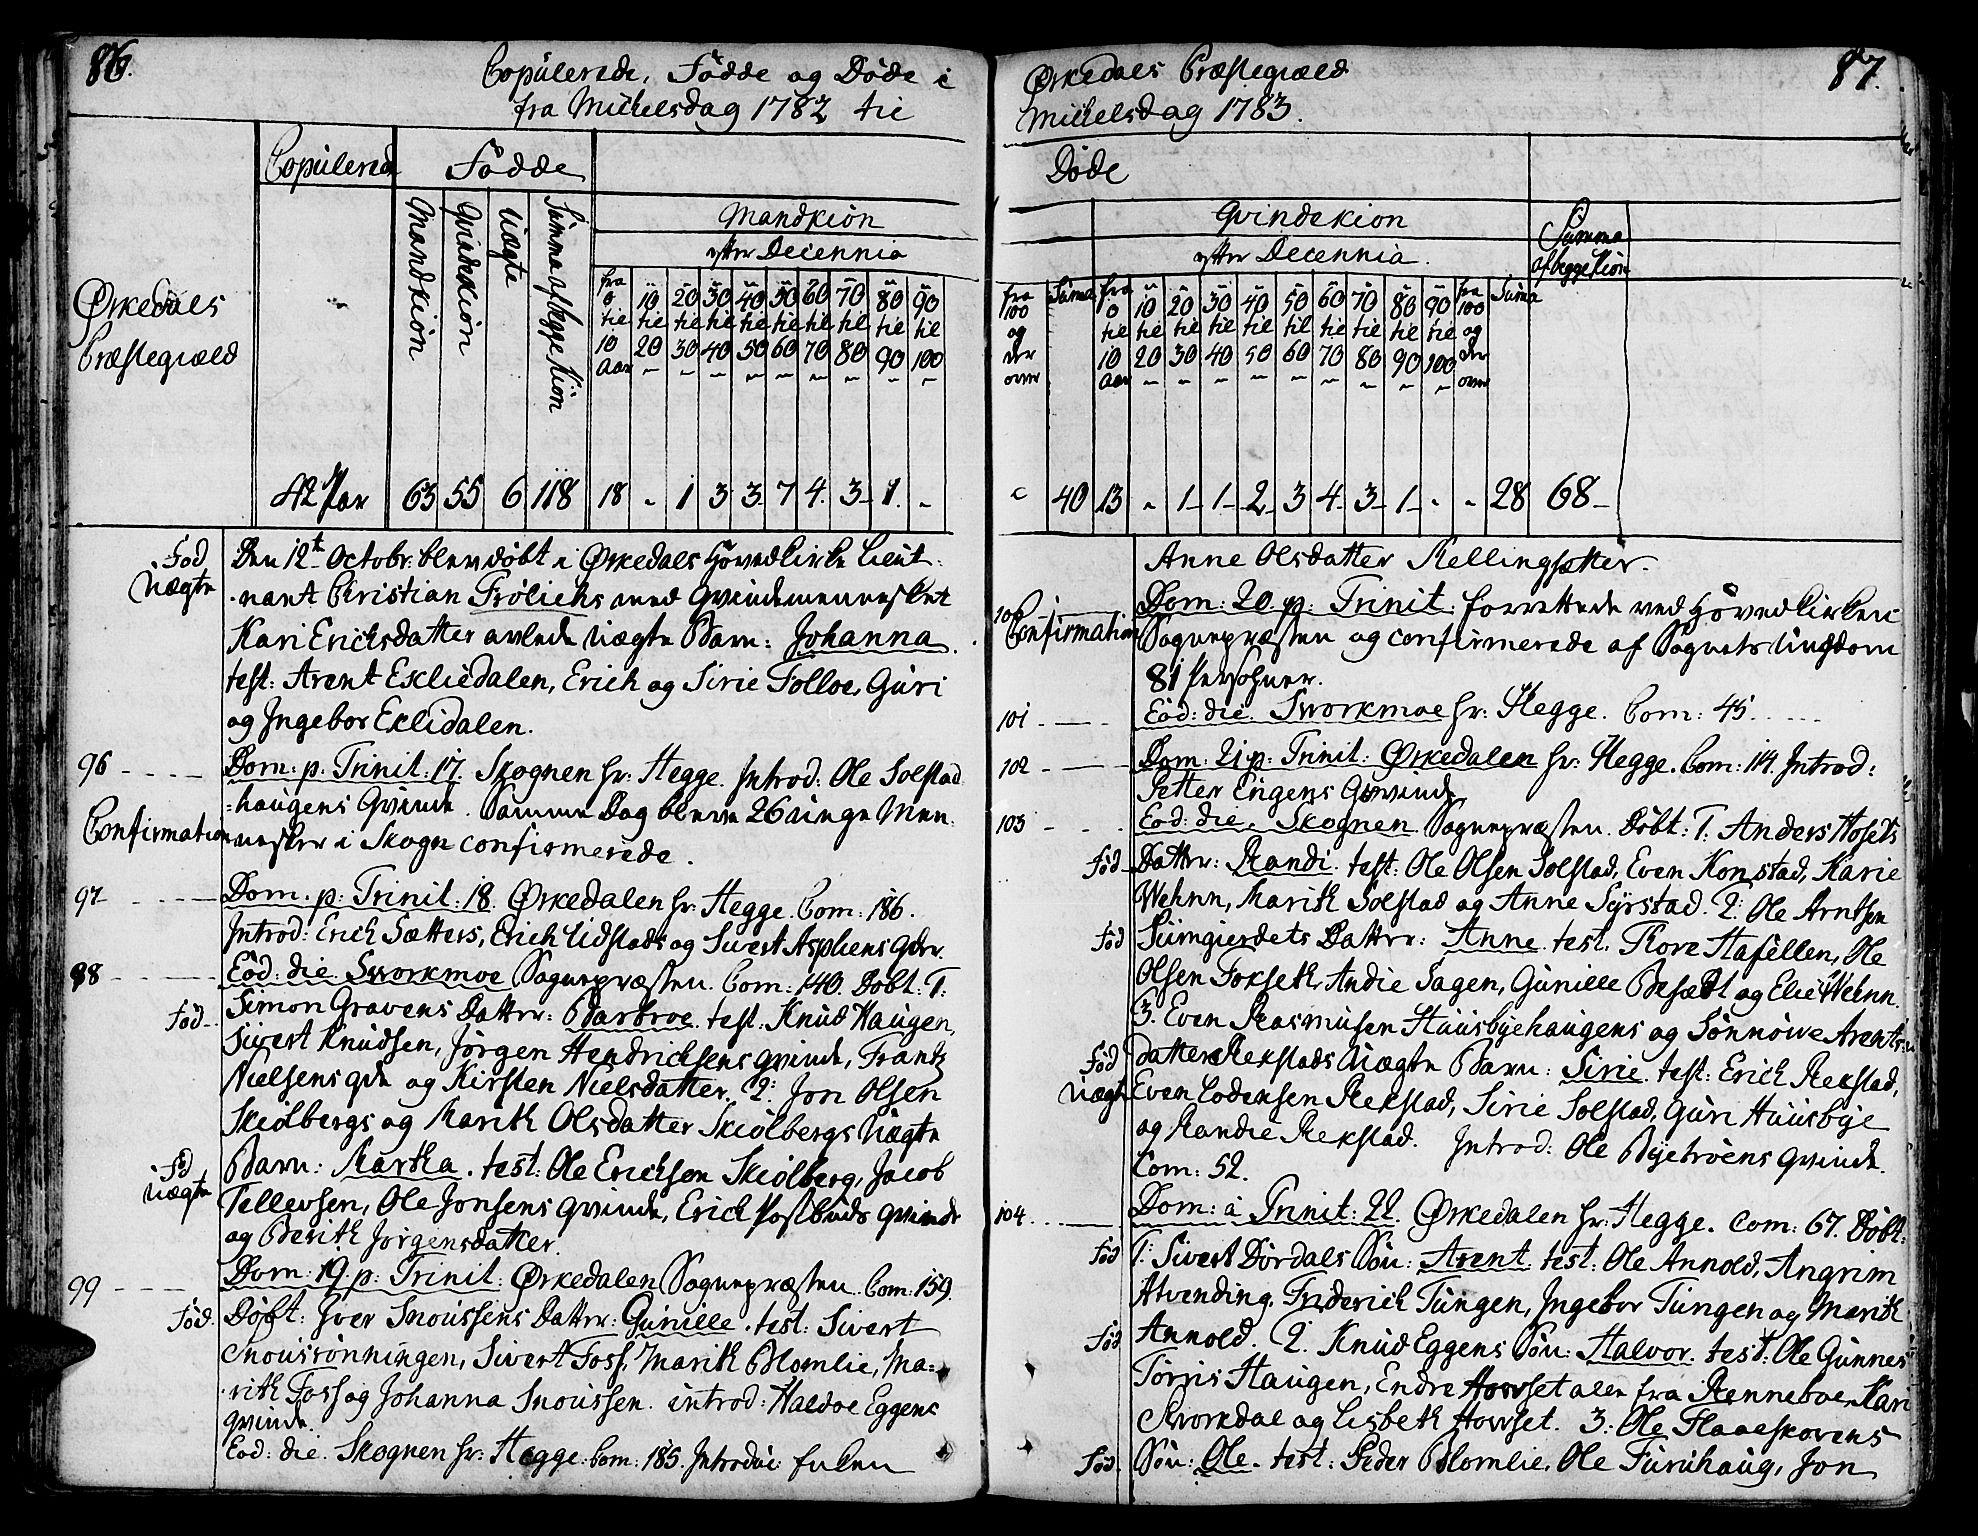 SAT, Ministerialprotokoller, klokkerbøker og fødselsregistre - Sør-Trøndelag, 668/L0802: Ministerialbok nr. 668A02, 1776-1799, s. 86-87